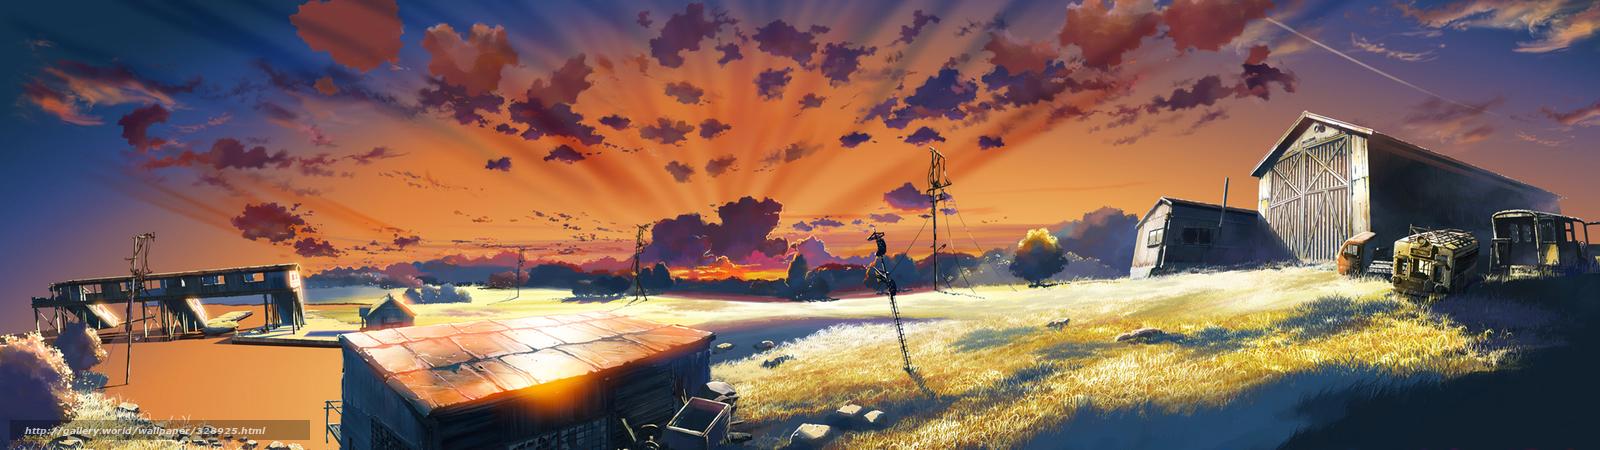 Descargar gratis Anime,  imagen,  granja,  hangar Fondos de escritorio en la resolucin 3840x1080 — imagen №328925